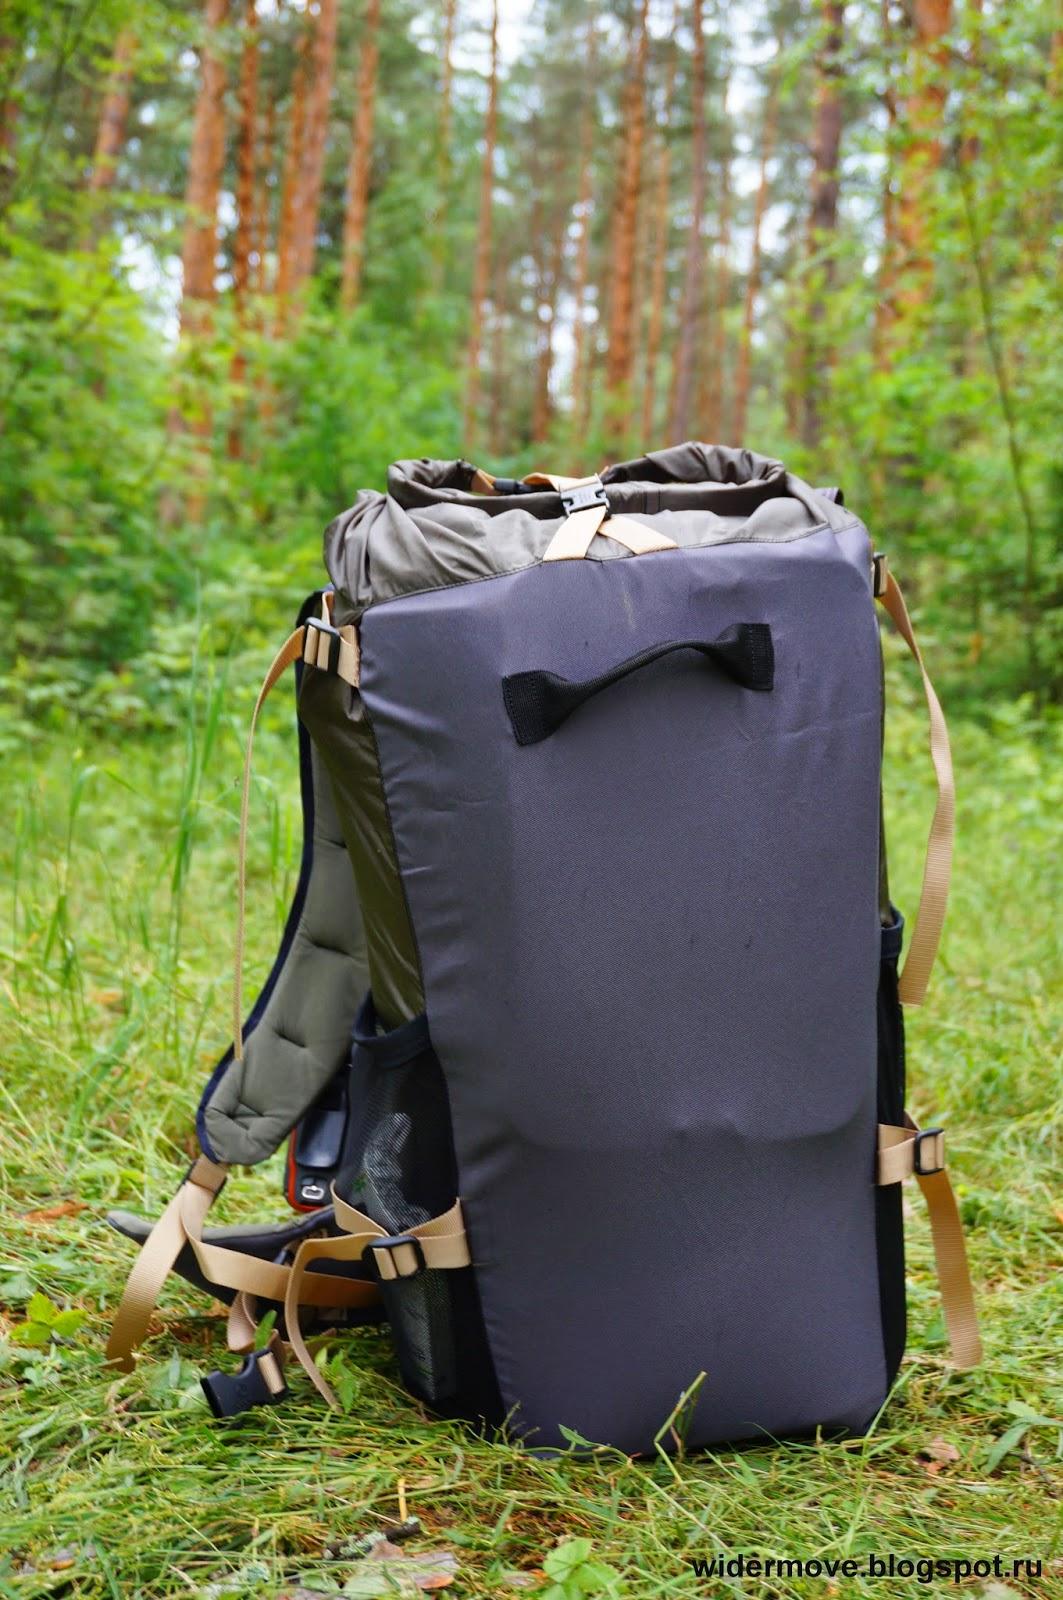 Выкройка дорожной сумки своими руками (35 фото как сшить) 84